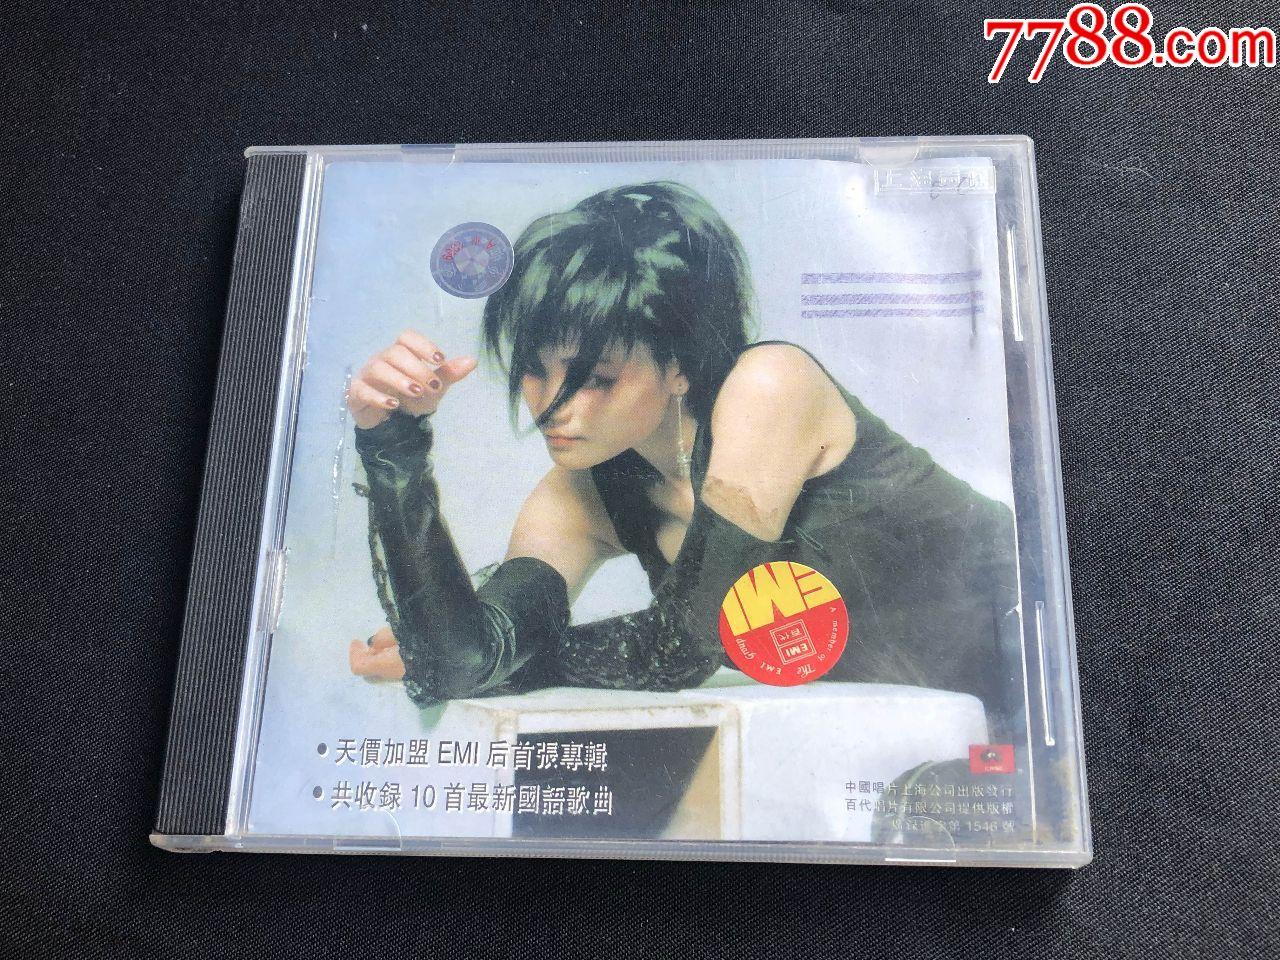 王菲、97最新国语专辑【IP码Y103】(au20930887)_